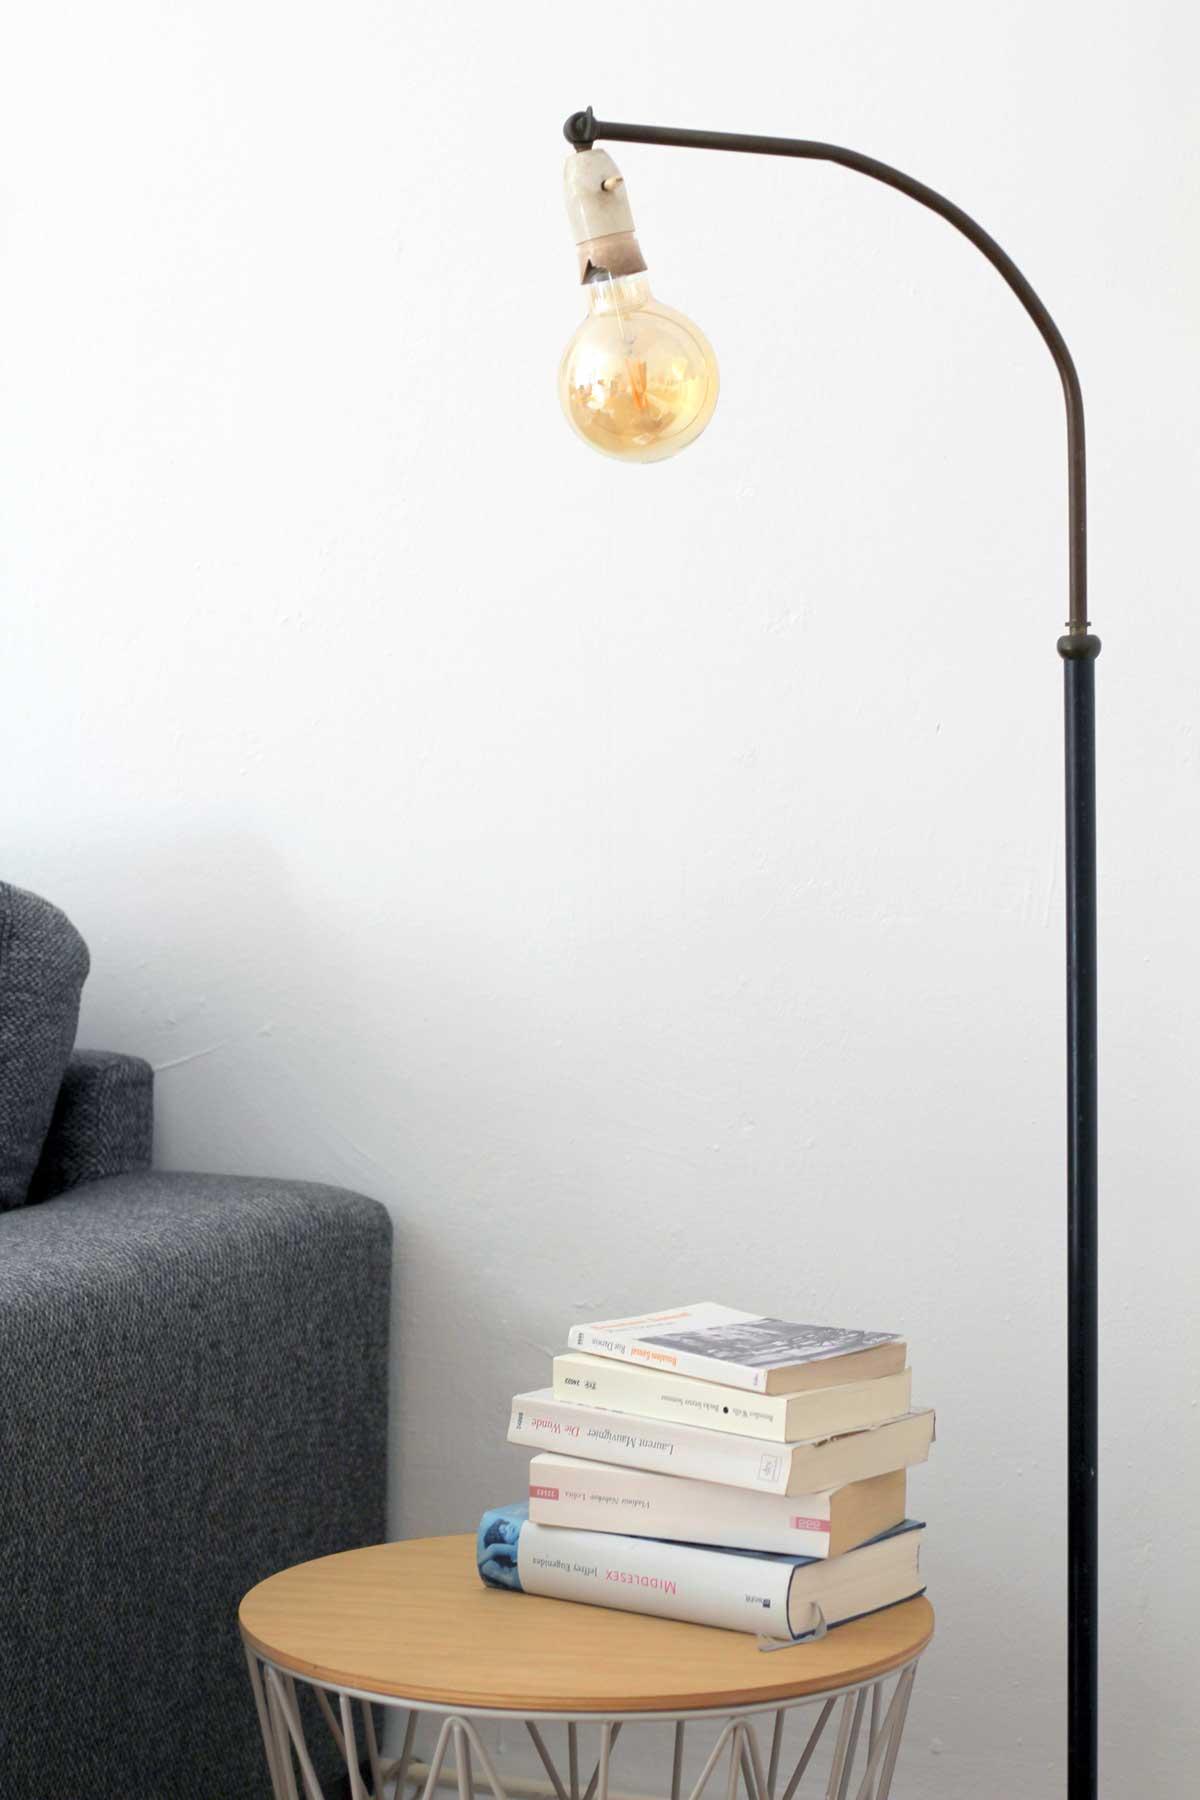 Dänische Lampe, Lieblingsecke von Ines aus Ottensen, hamburg von innen